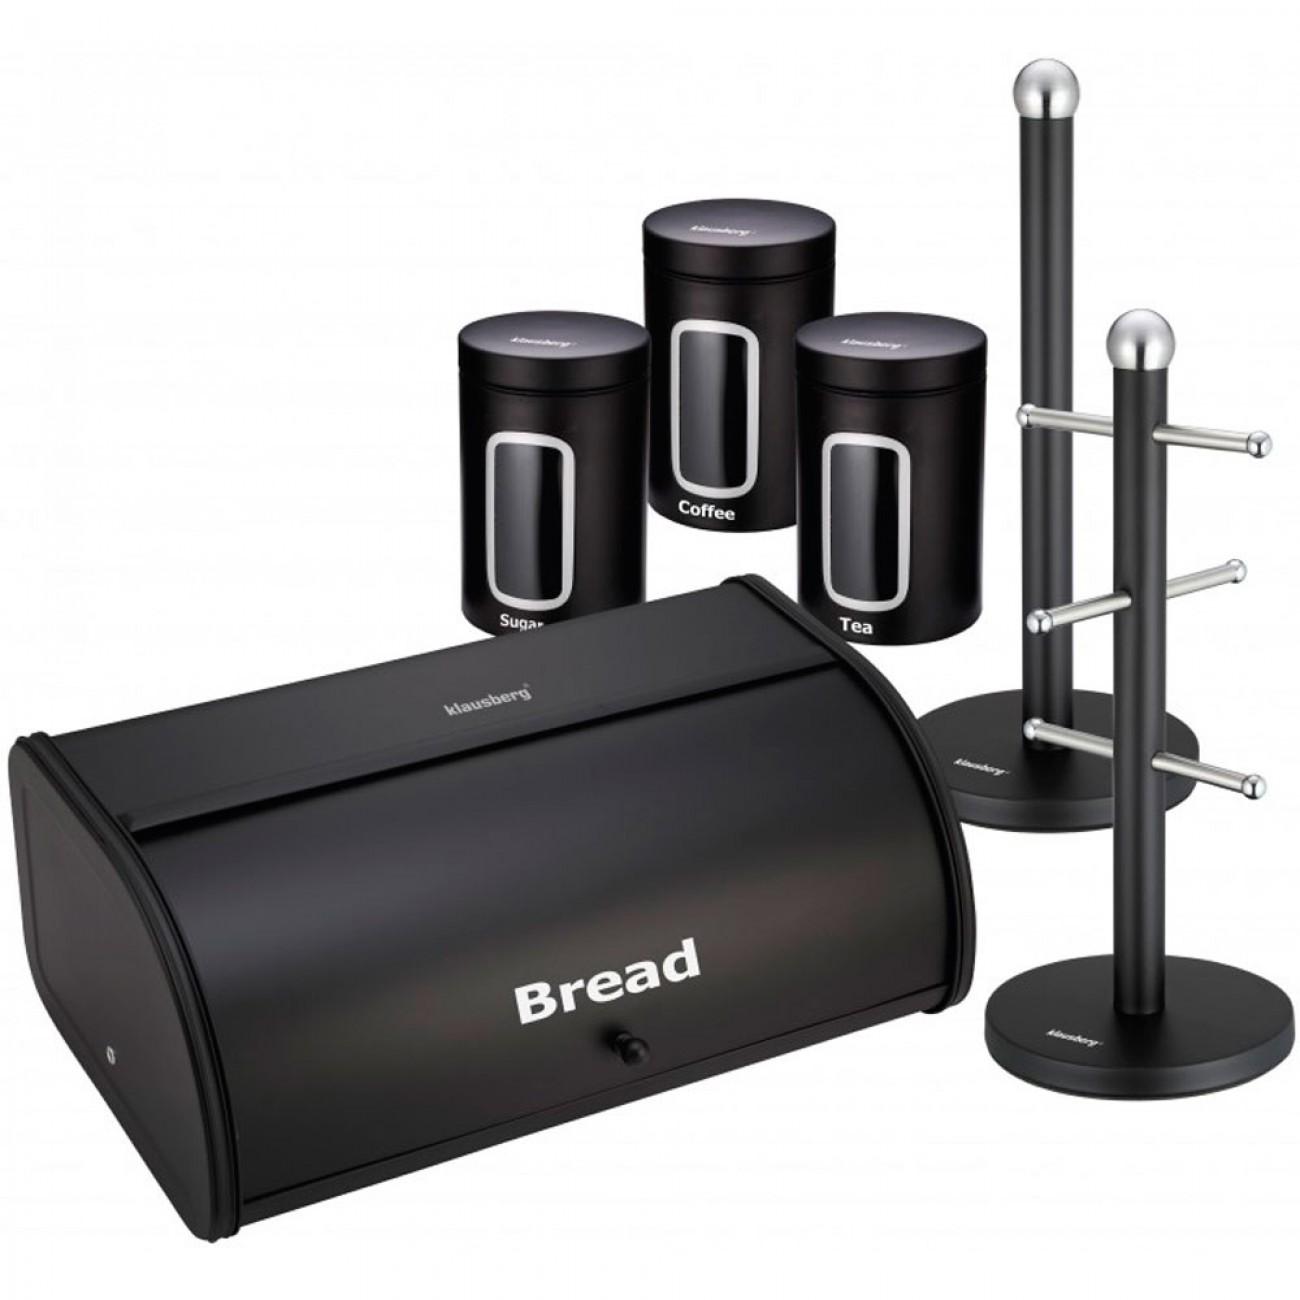 Комплект кутии за хляб и съхранение с поставки за хартия и чаши Klausberg KB 7238, Емайл-мат, Екологично чисти, Черен в Кутии за хляб - Klausberg | Alleop